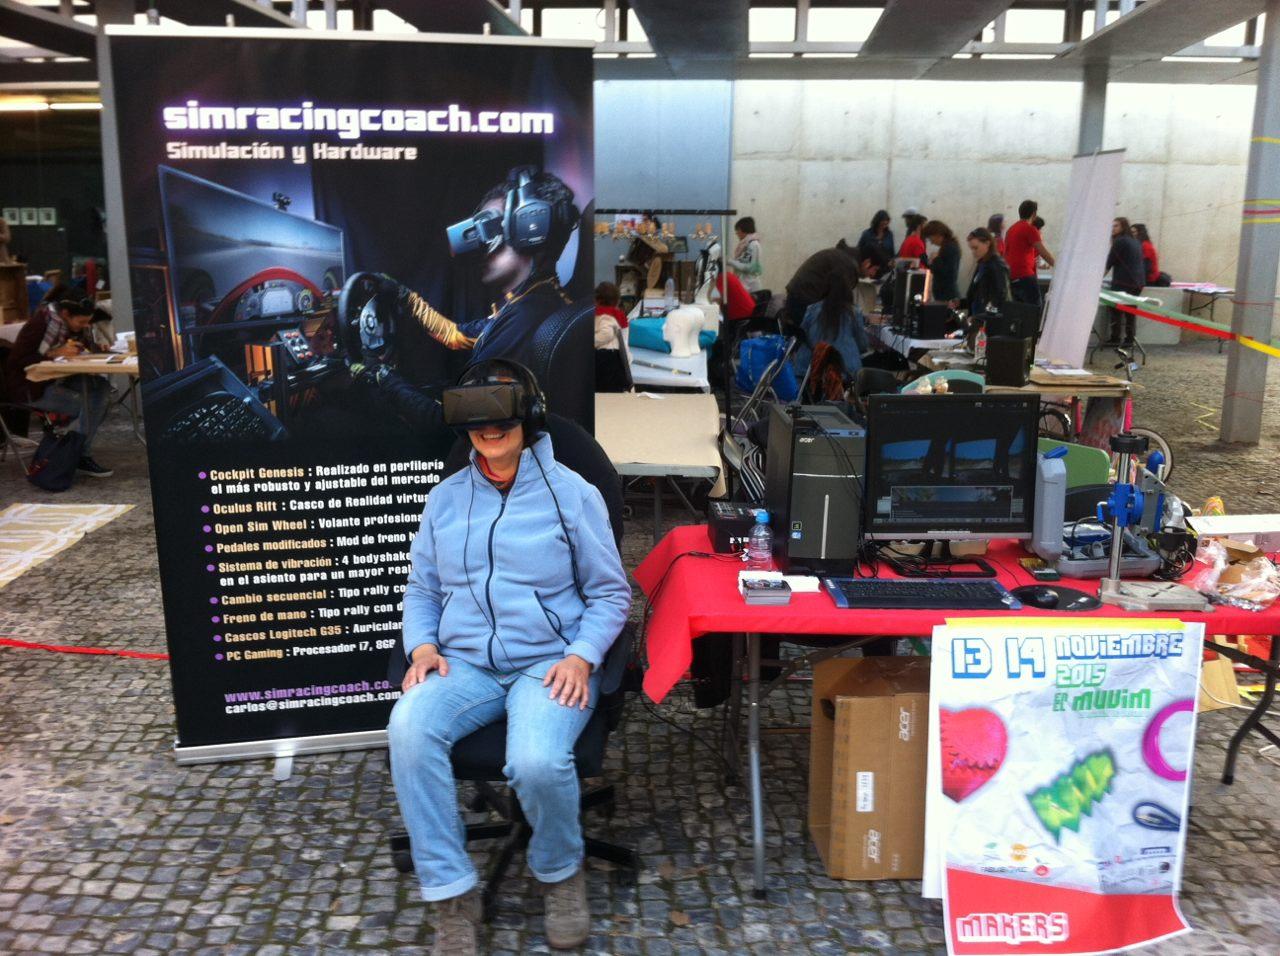 Nuevo proyecto personal simracingcoach.com - Página 2 Photo36749849469757414